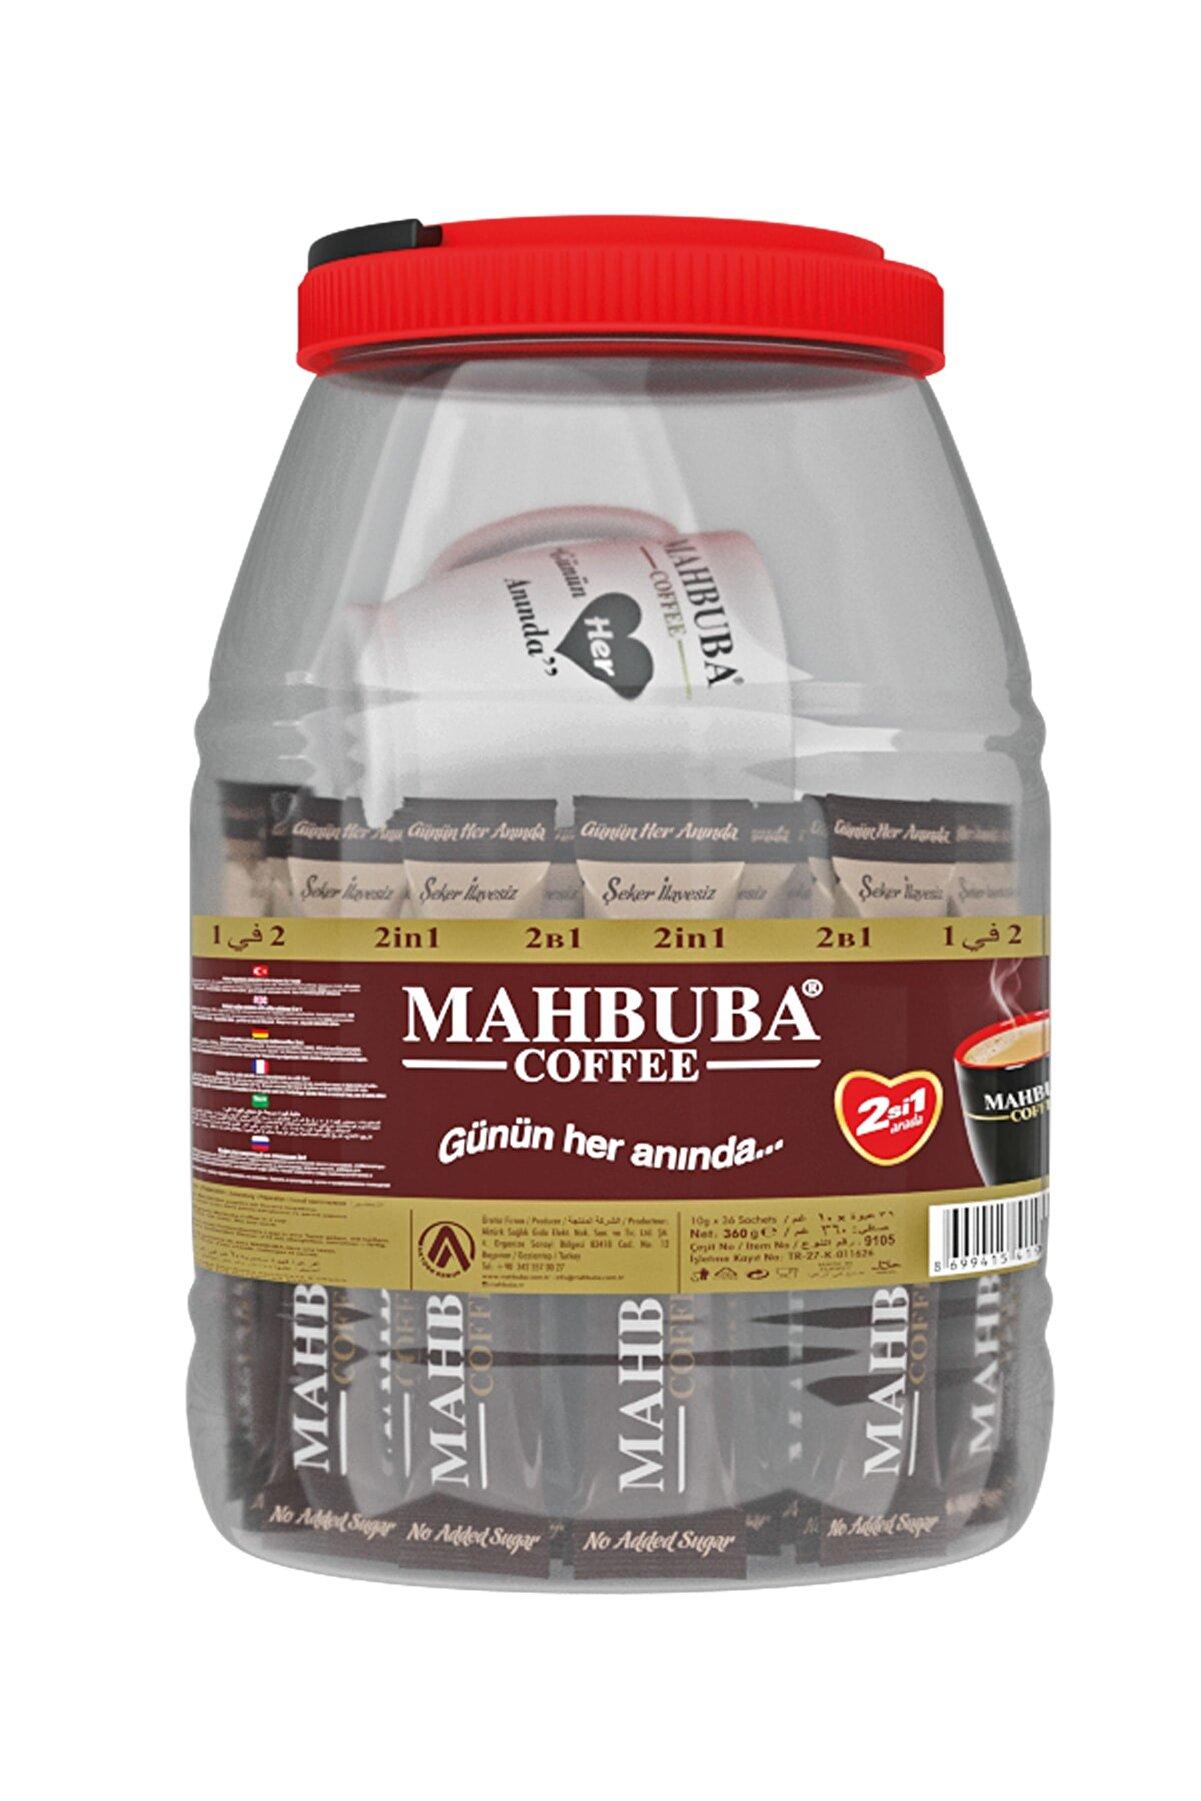 ELDEST Mahbuba 2si1 Arada Şekersiz Kavanoz Kahve 36x10gr Renkli Kupa